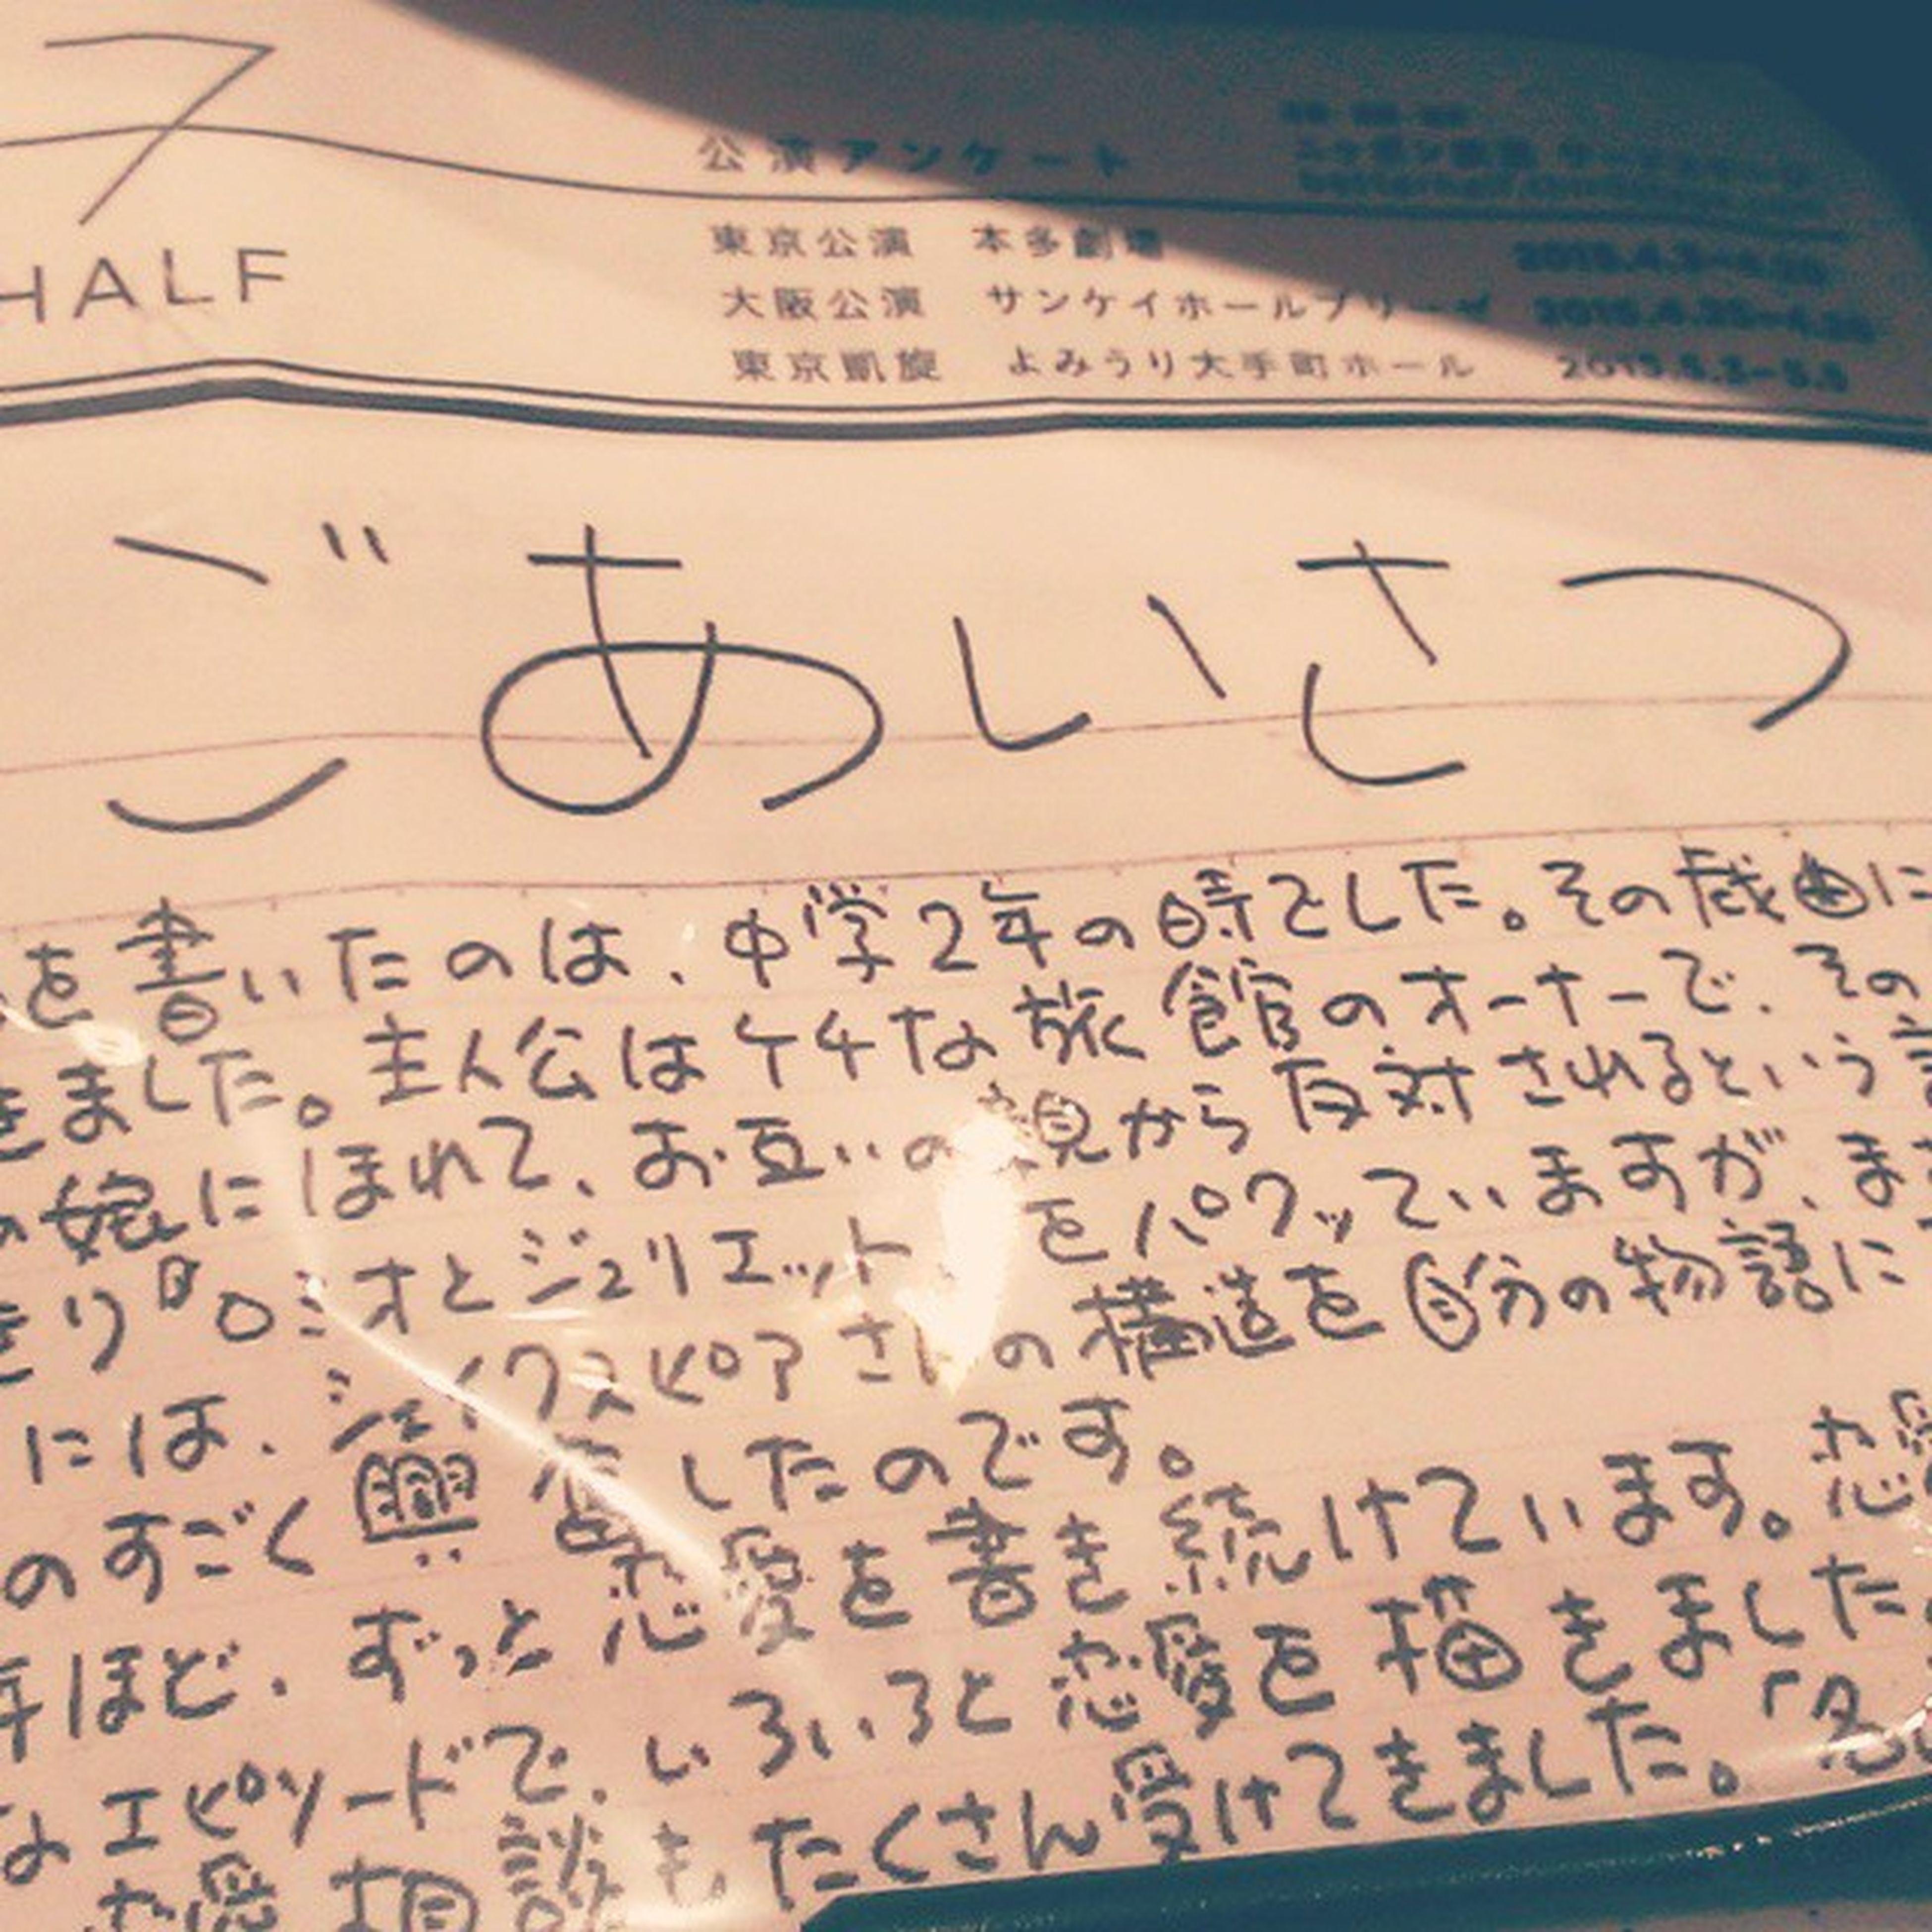 鴻上尚史さんの「ごあいさつ」をこの手にする日が来るとは .˚‧º·(´ฅωฅ`)‧º·˚.カンドー この舞台を18の自分に見せてあげたい。 ベターハーフ Betterhalf